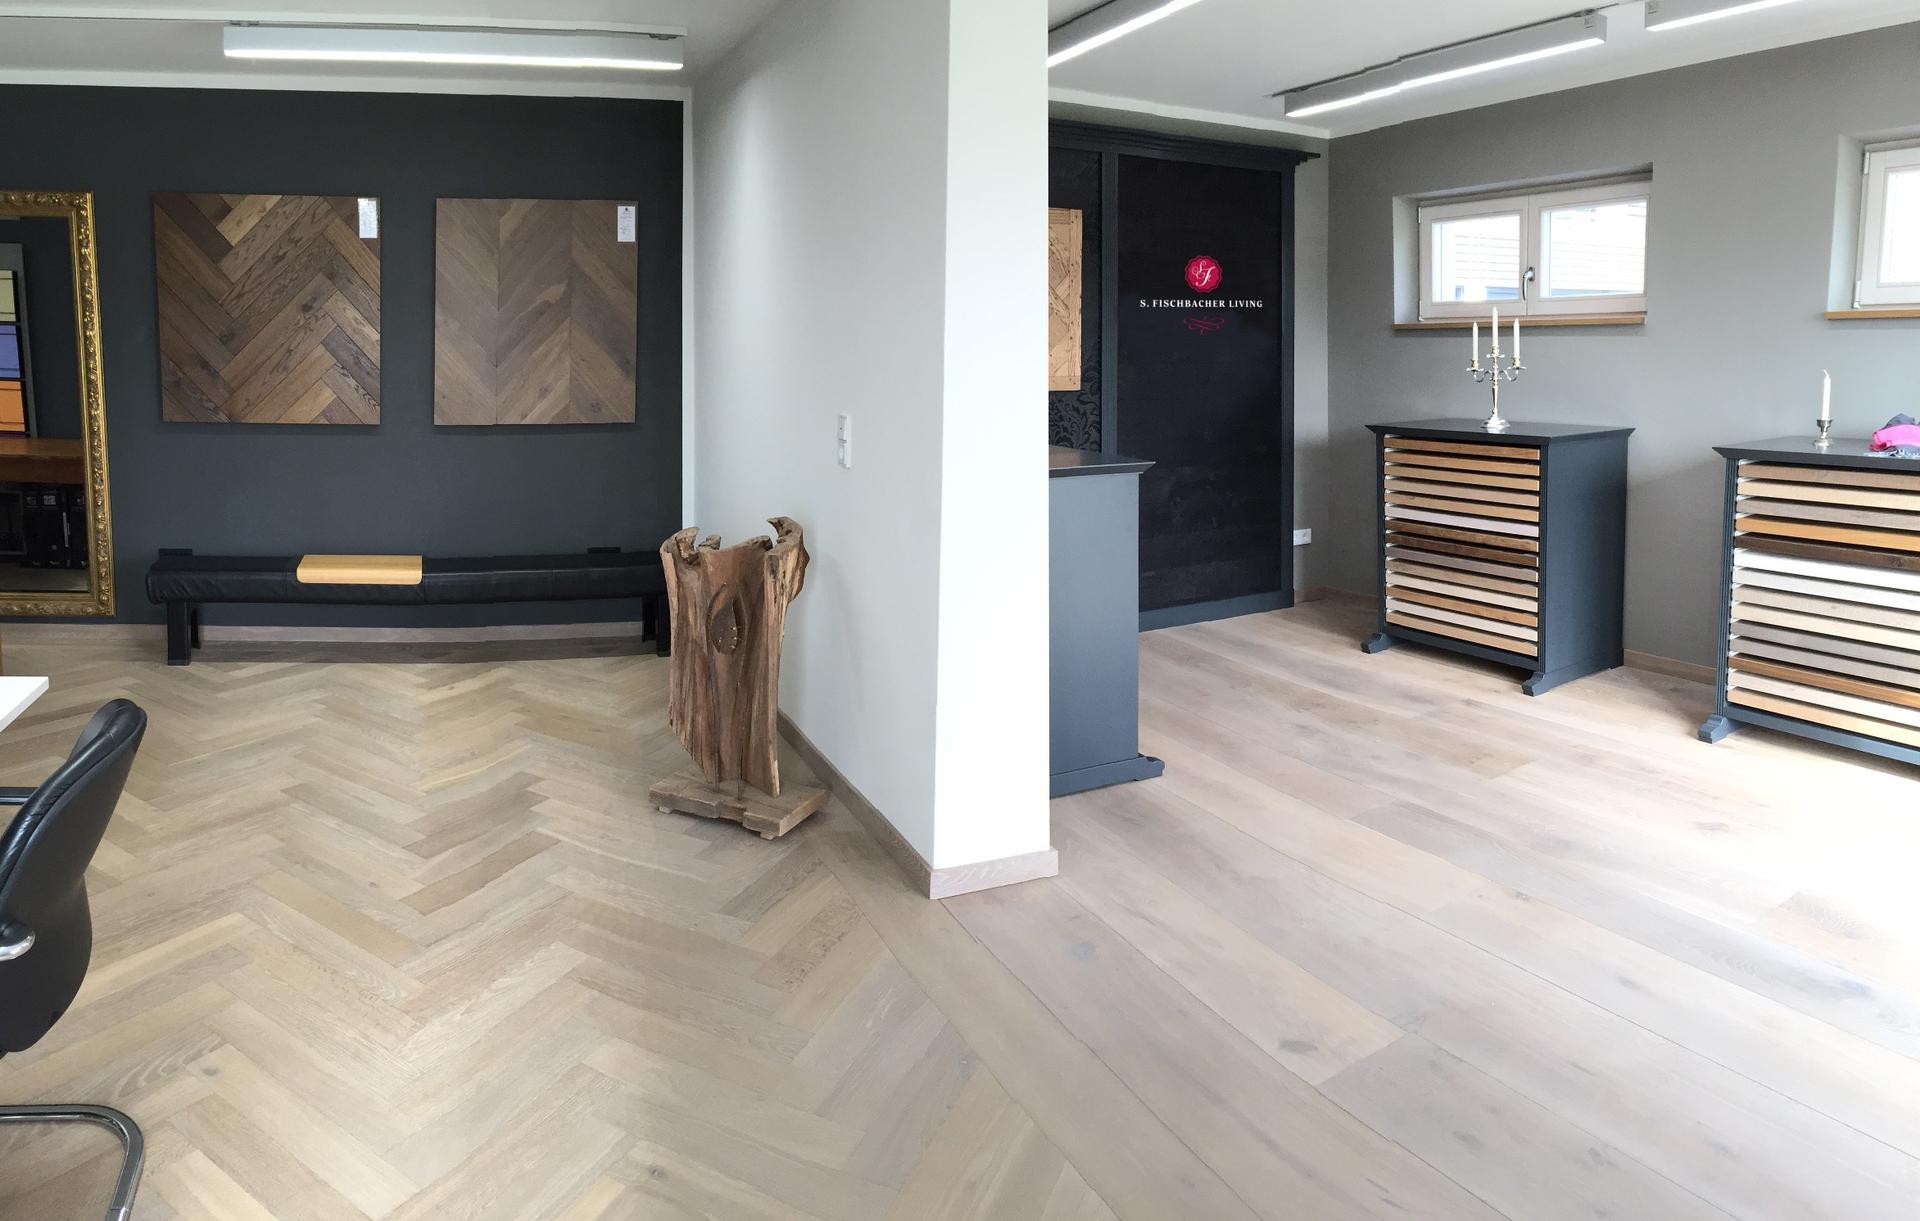 Super Parkett Rosenheim - S. Fischbacher Living - Exklusives Parkett RM54